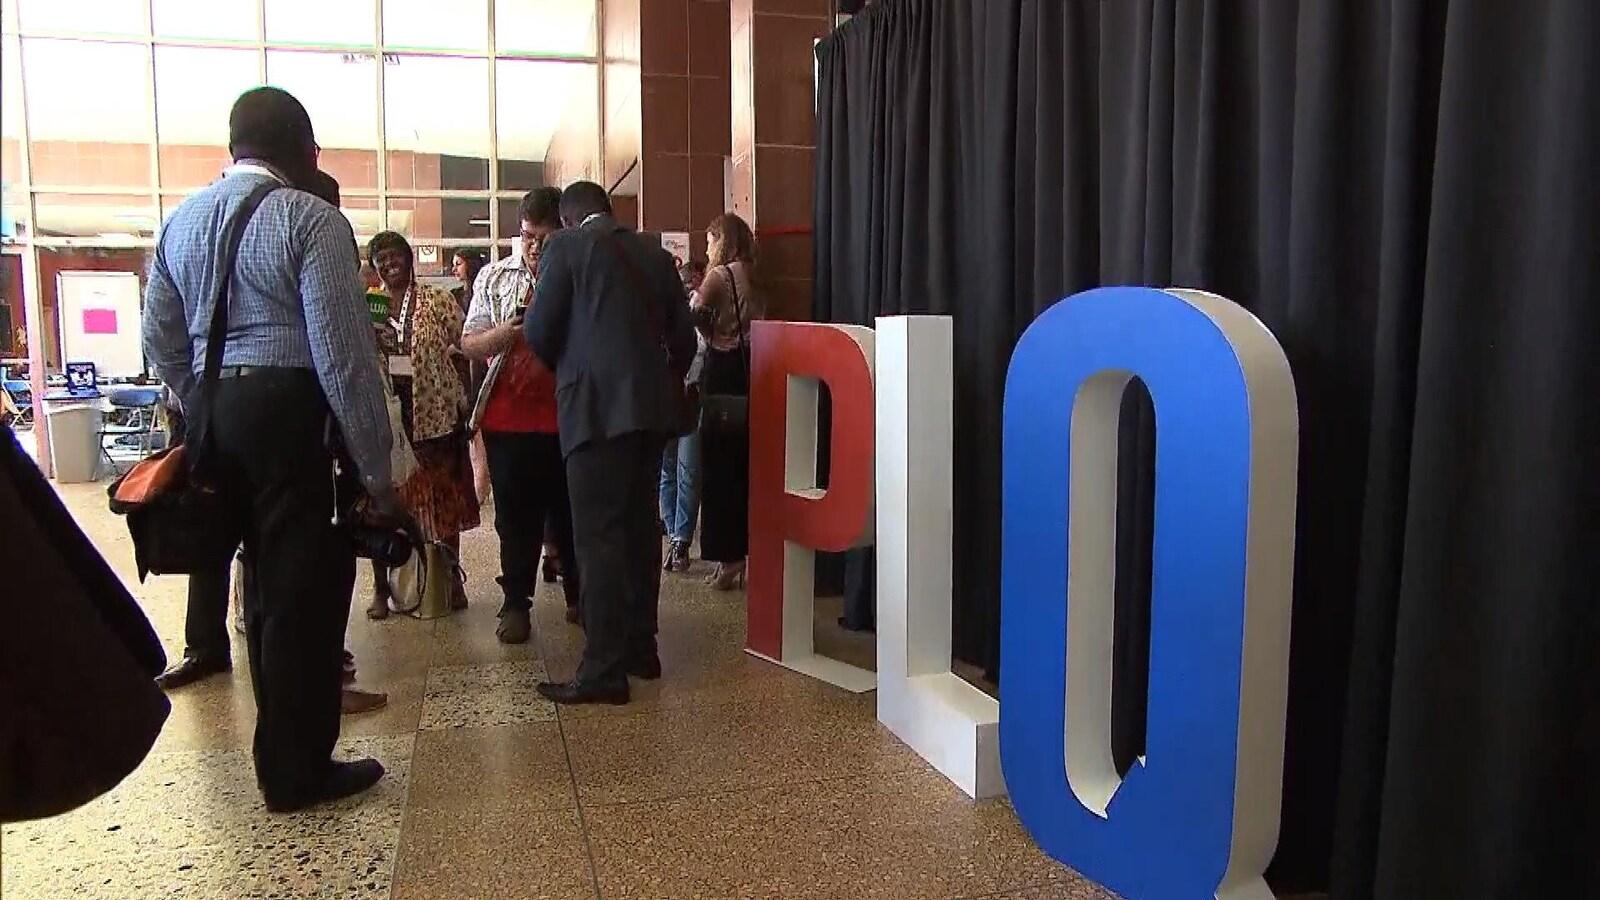 Plusieurs personnes entrain de discuter dans une salle à côté d'une installation à l'effigie du PLQ